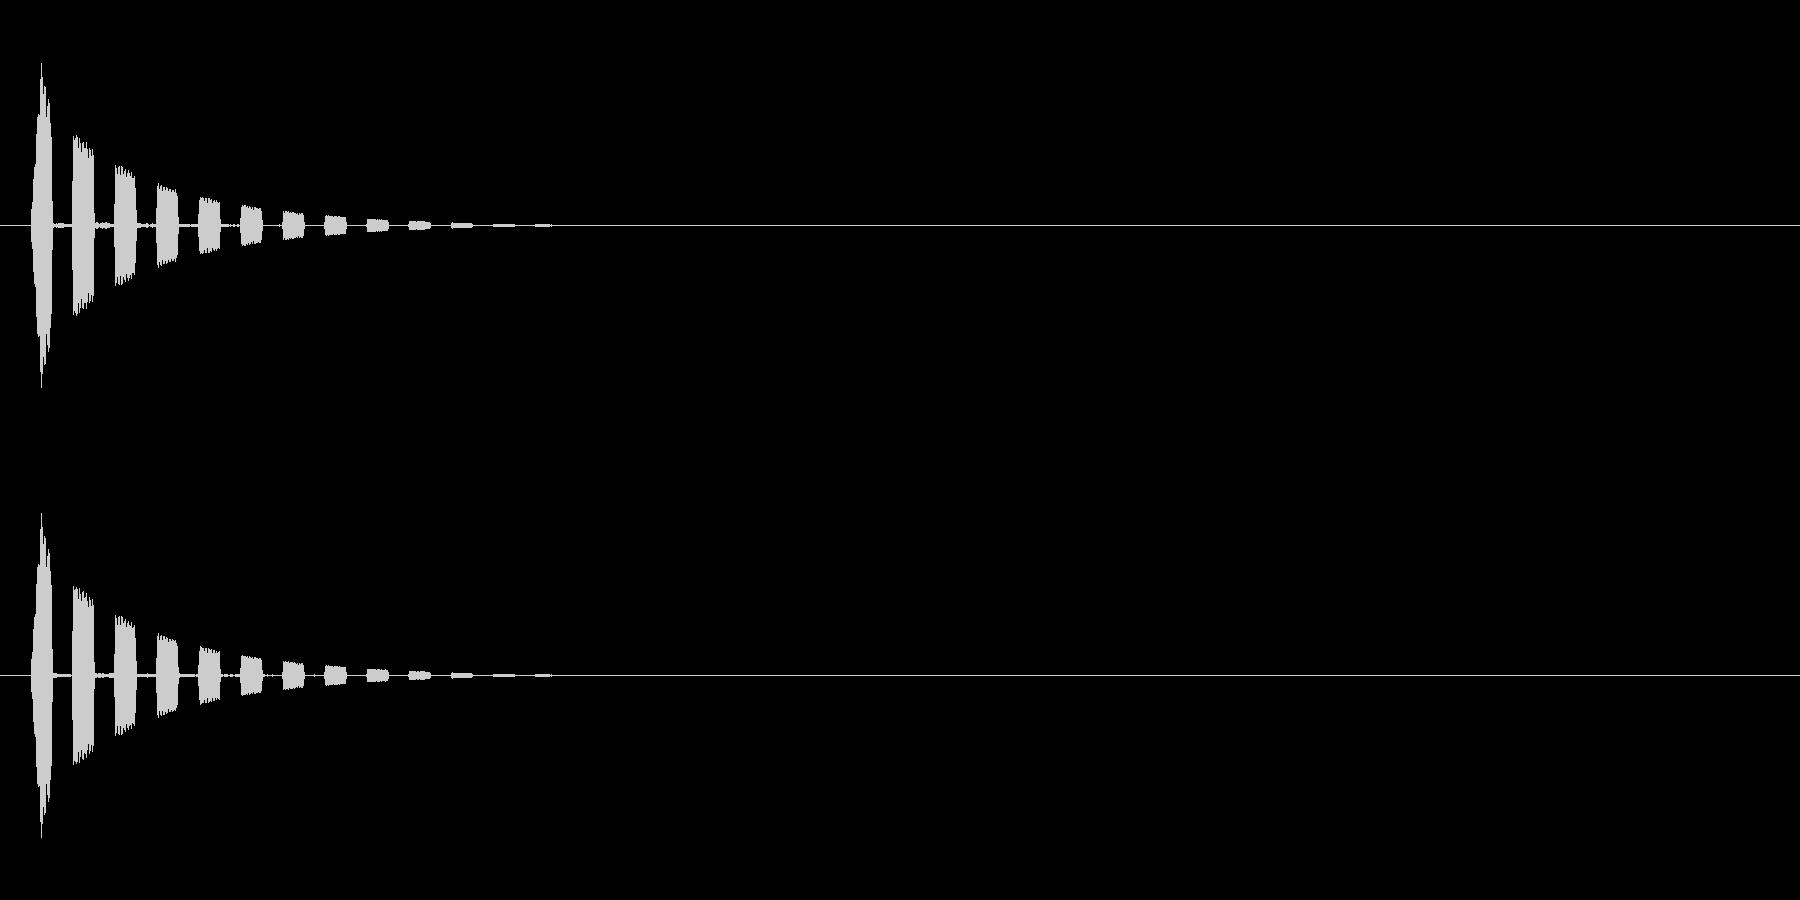 小さな流れ星(キラキラ↑)の未再生の波形